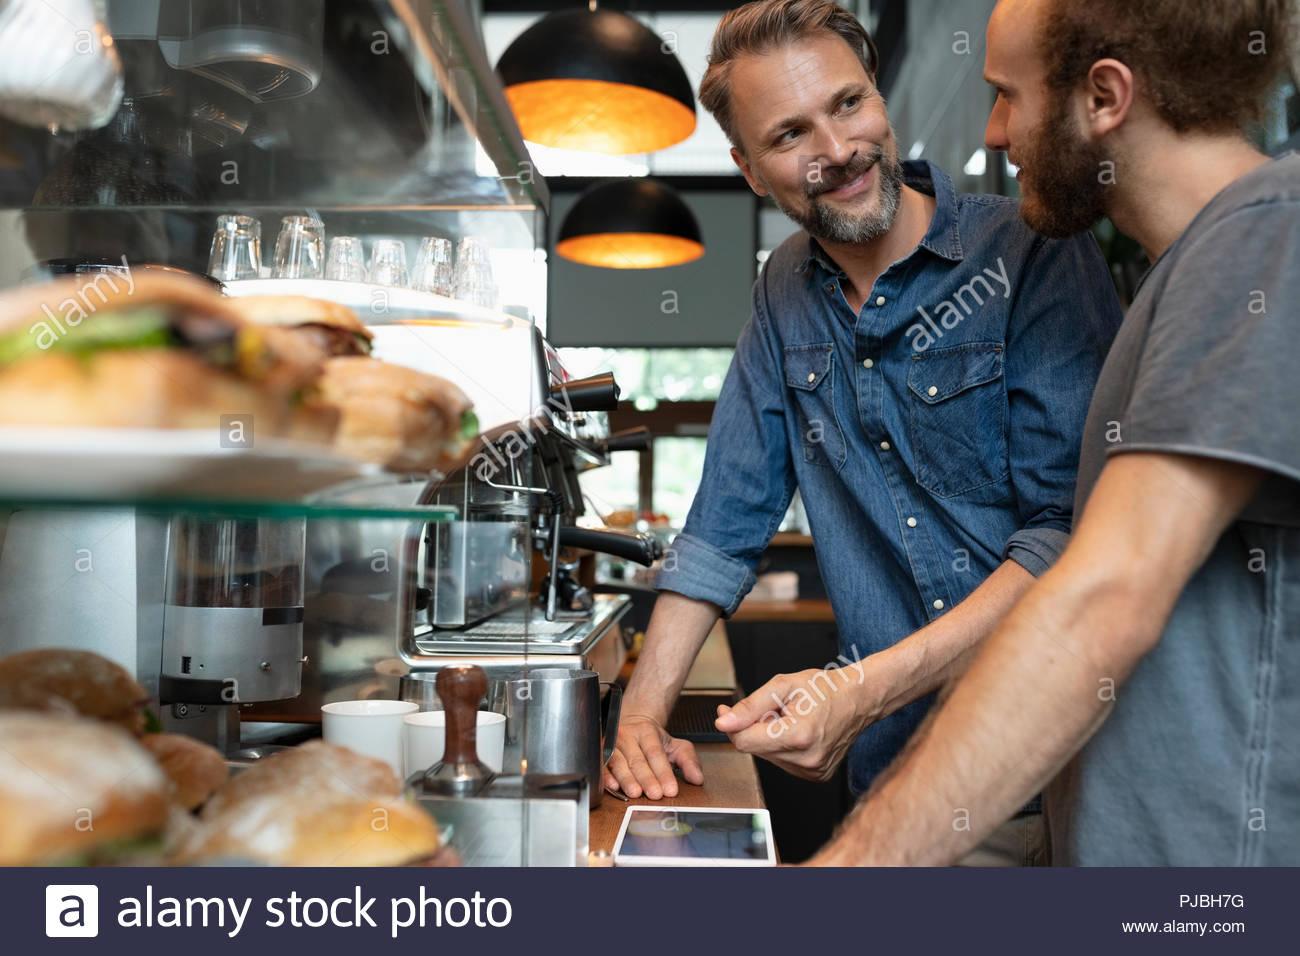 Café mâle propriétaire avec tablette numérique parlant avec barista Photo Stock